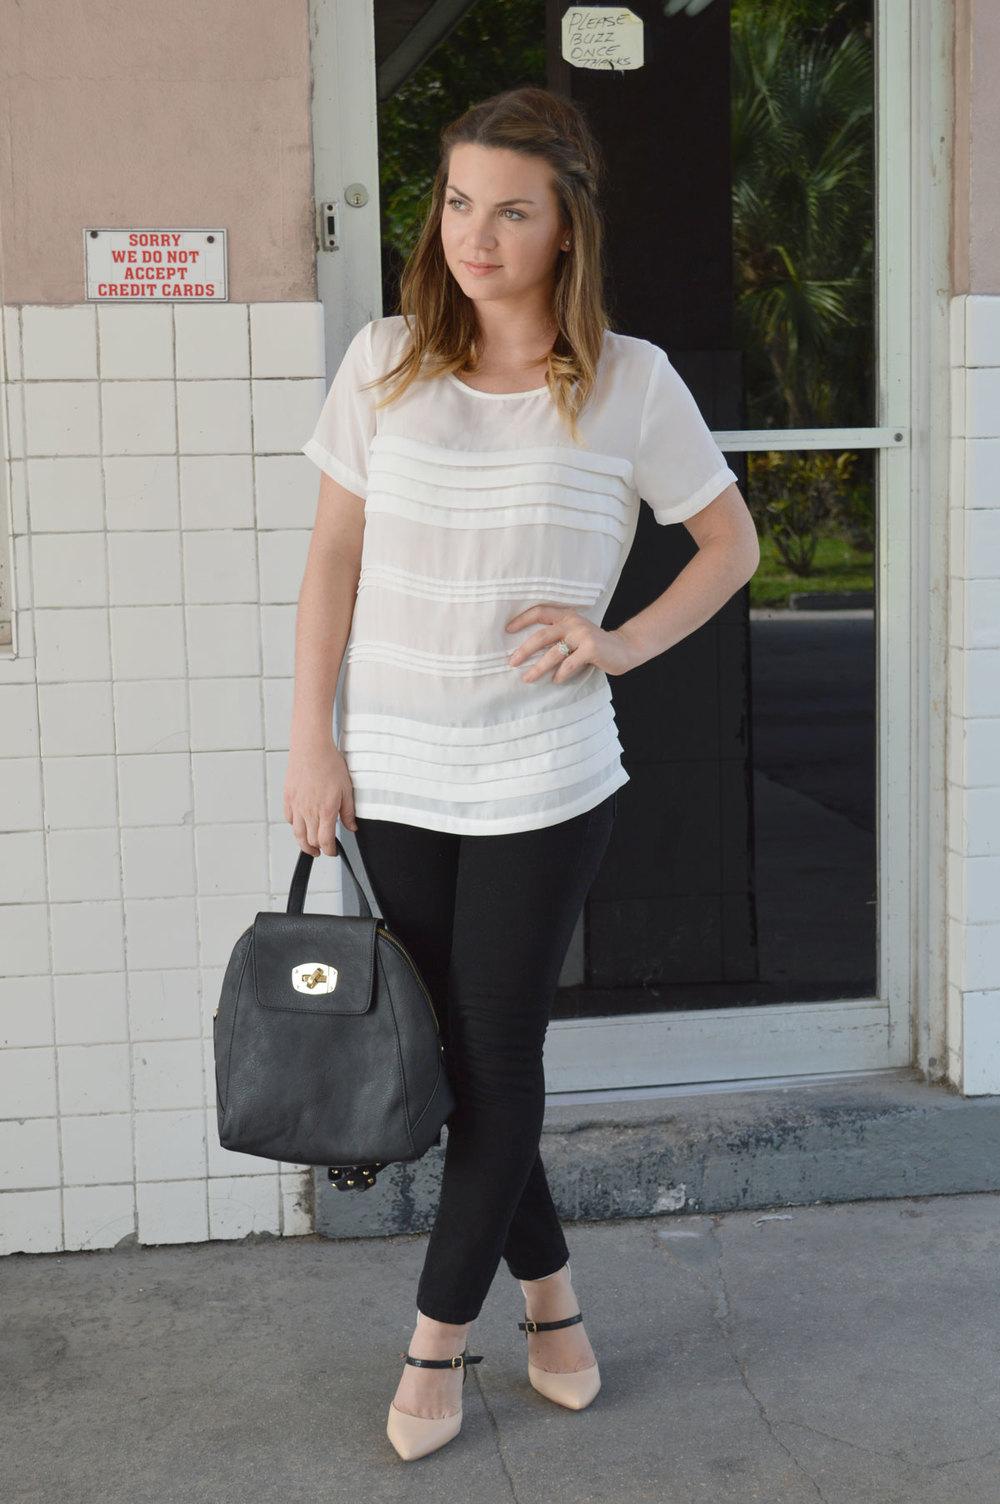 ShoeDazzle-Backpack-heels-FromCtoC-Forever21-black-white-wiw-lifestyle-style-blogger-nassau-bahamas.jpeg